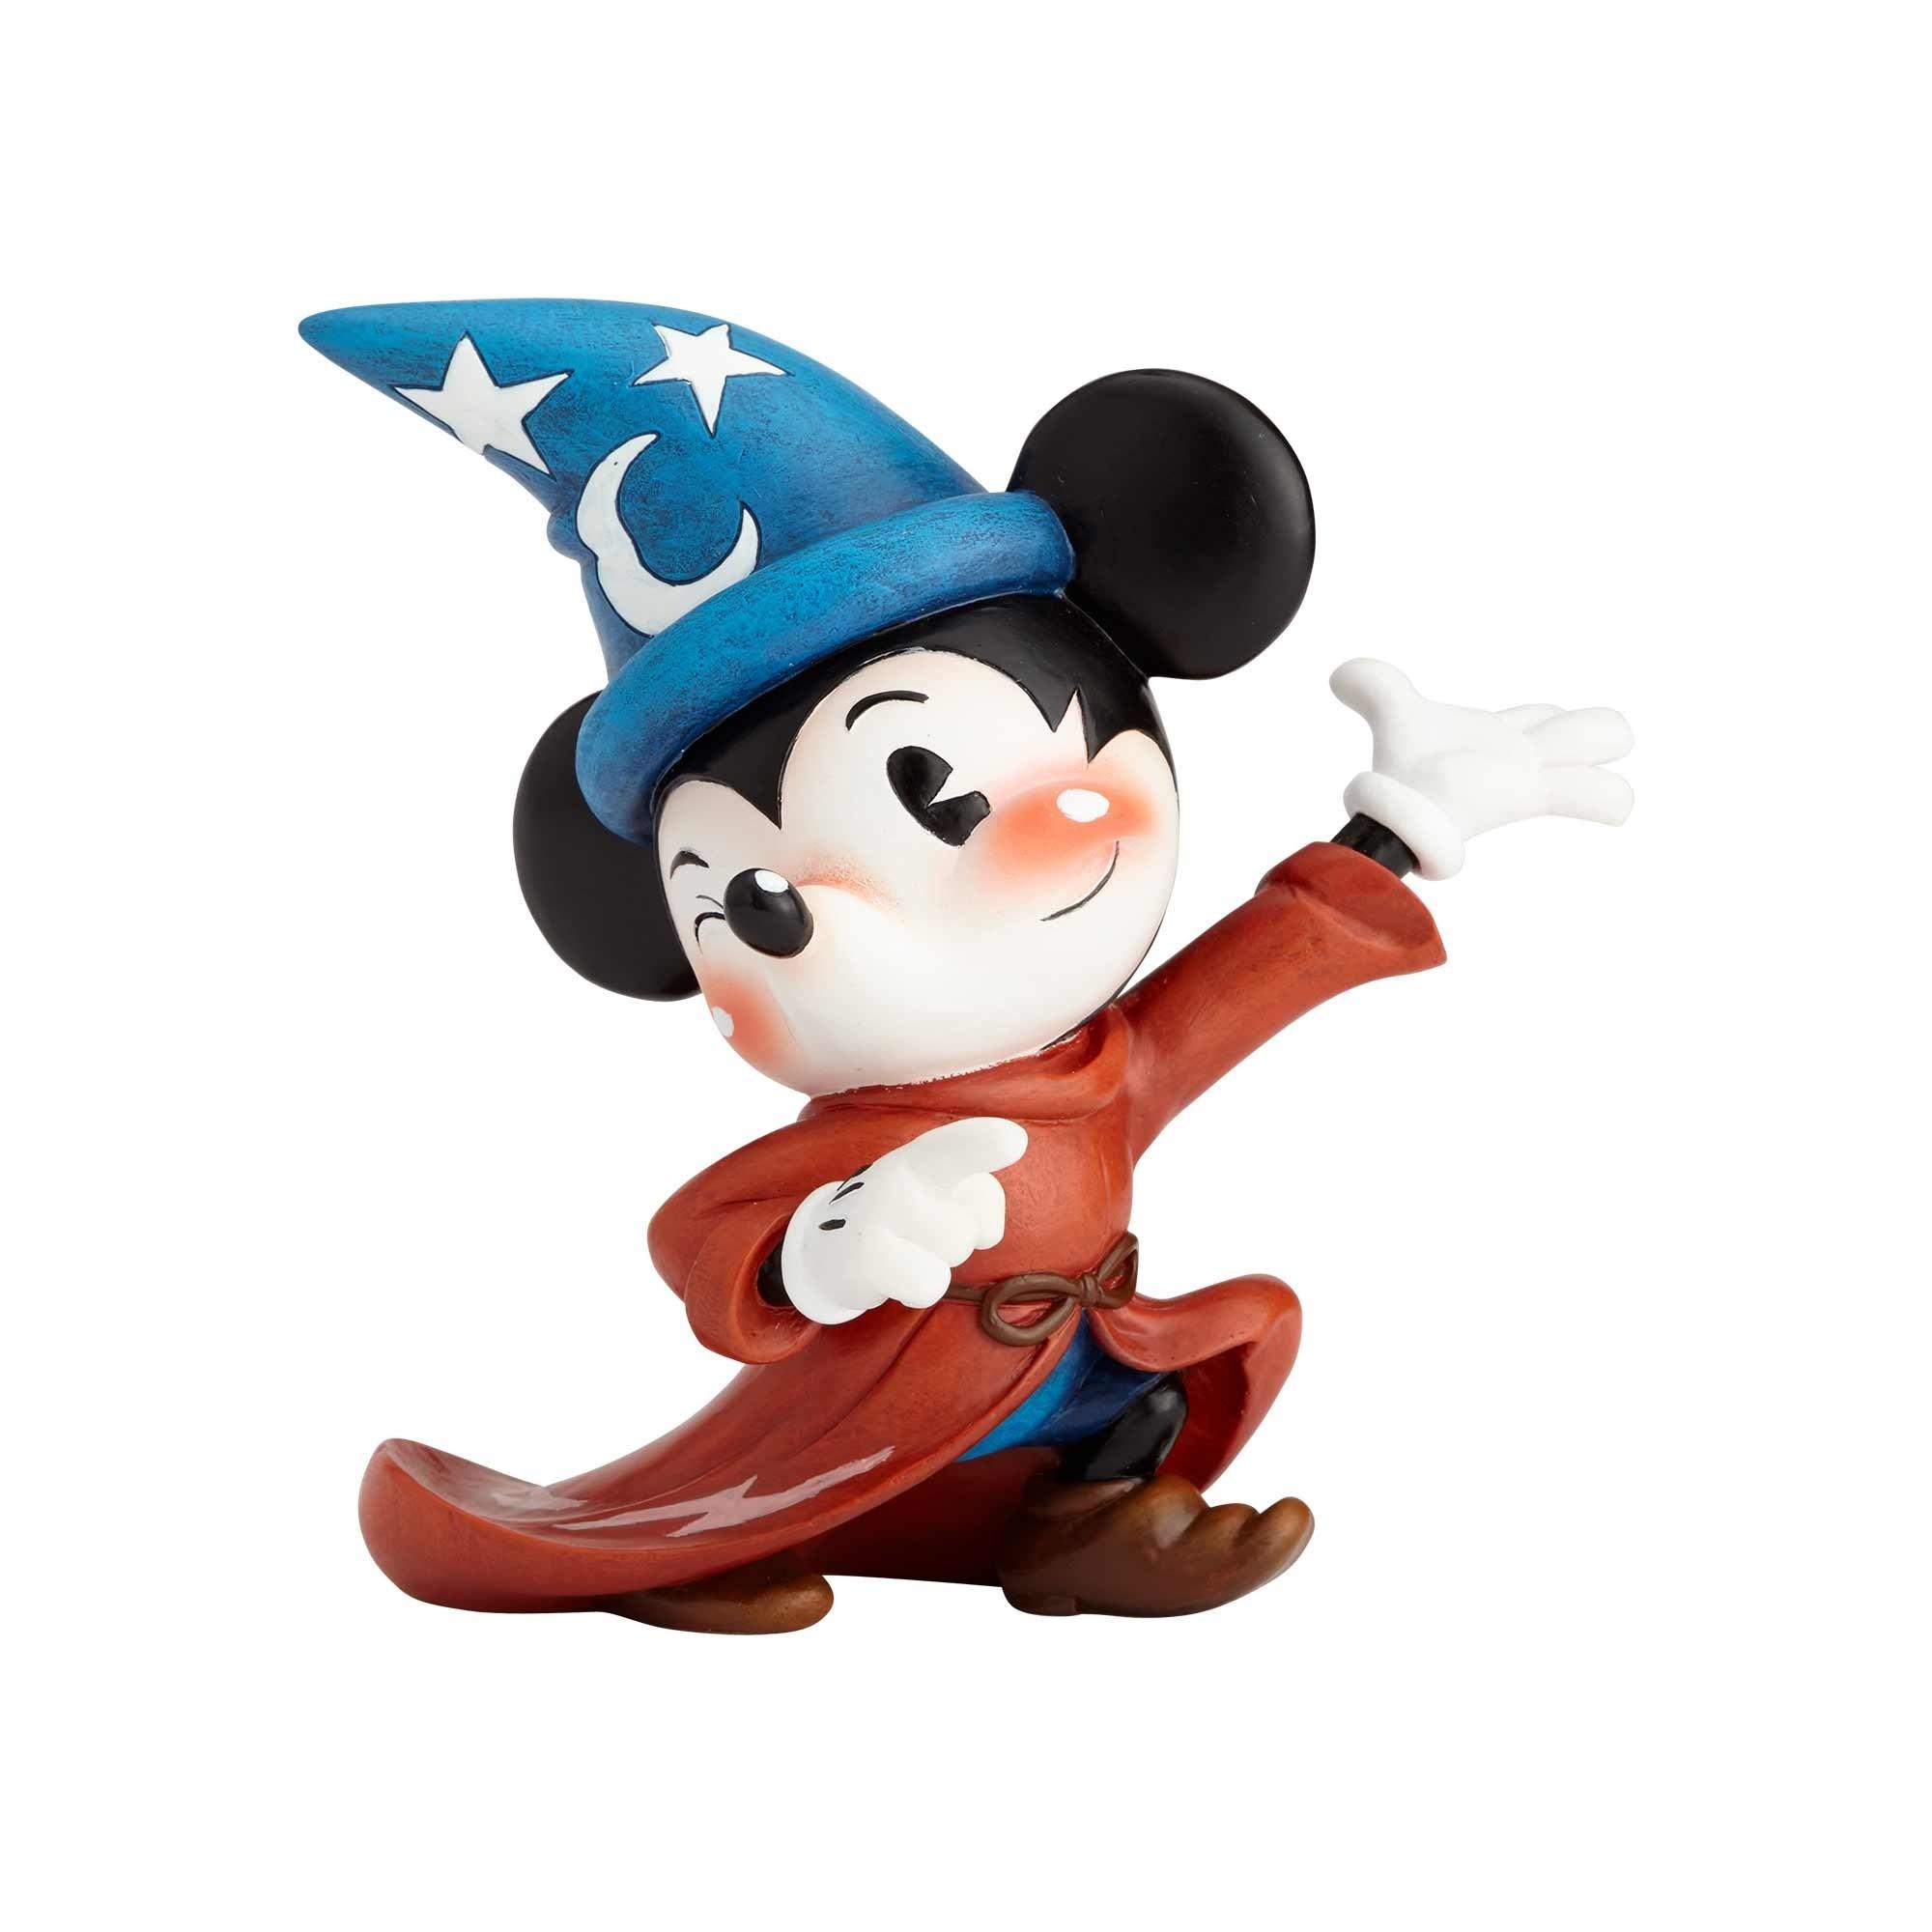 Miss Mindy 6001164 Sorcerer Mickey